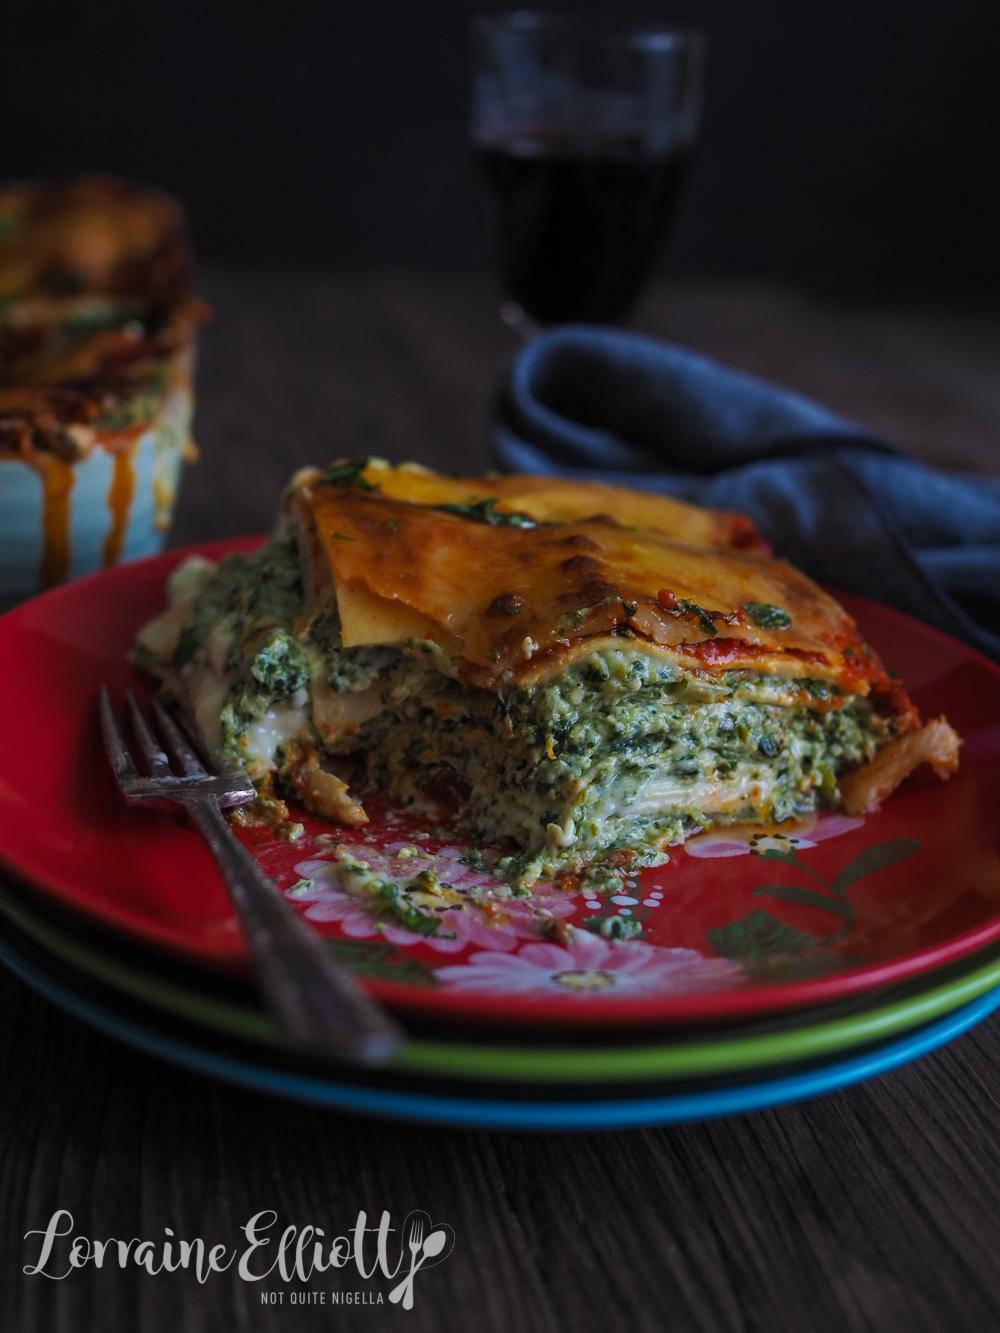 Top 5 Lasagna Recipes